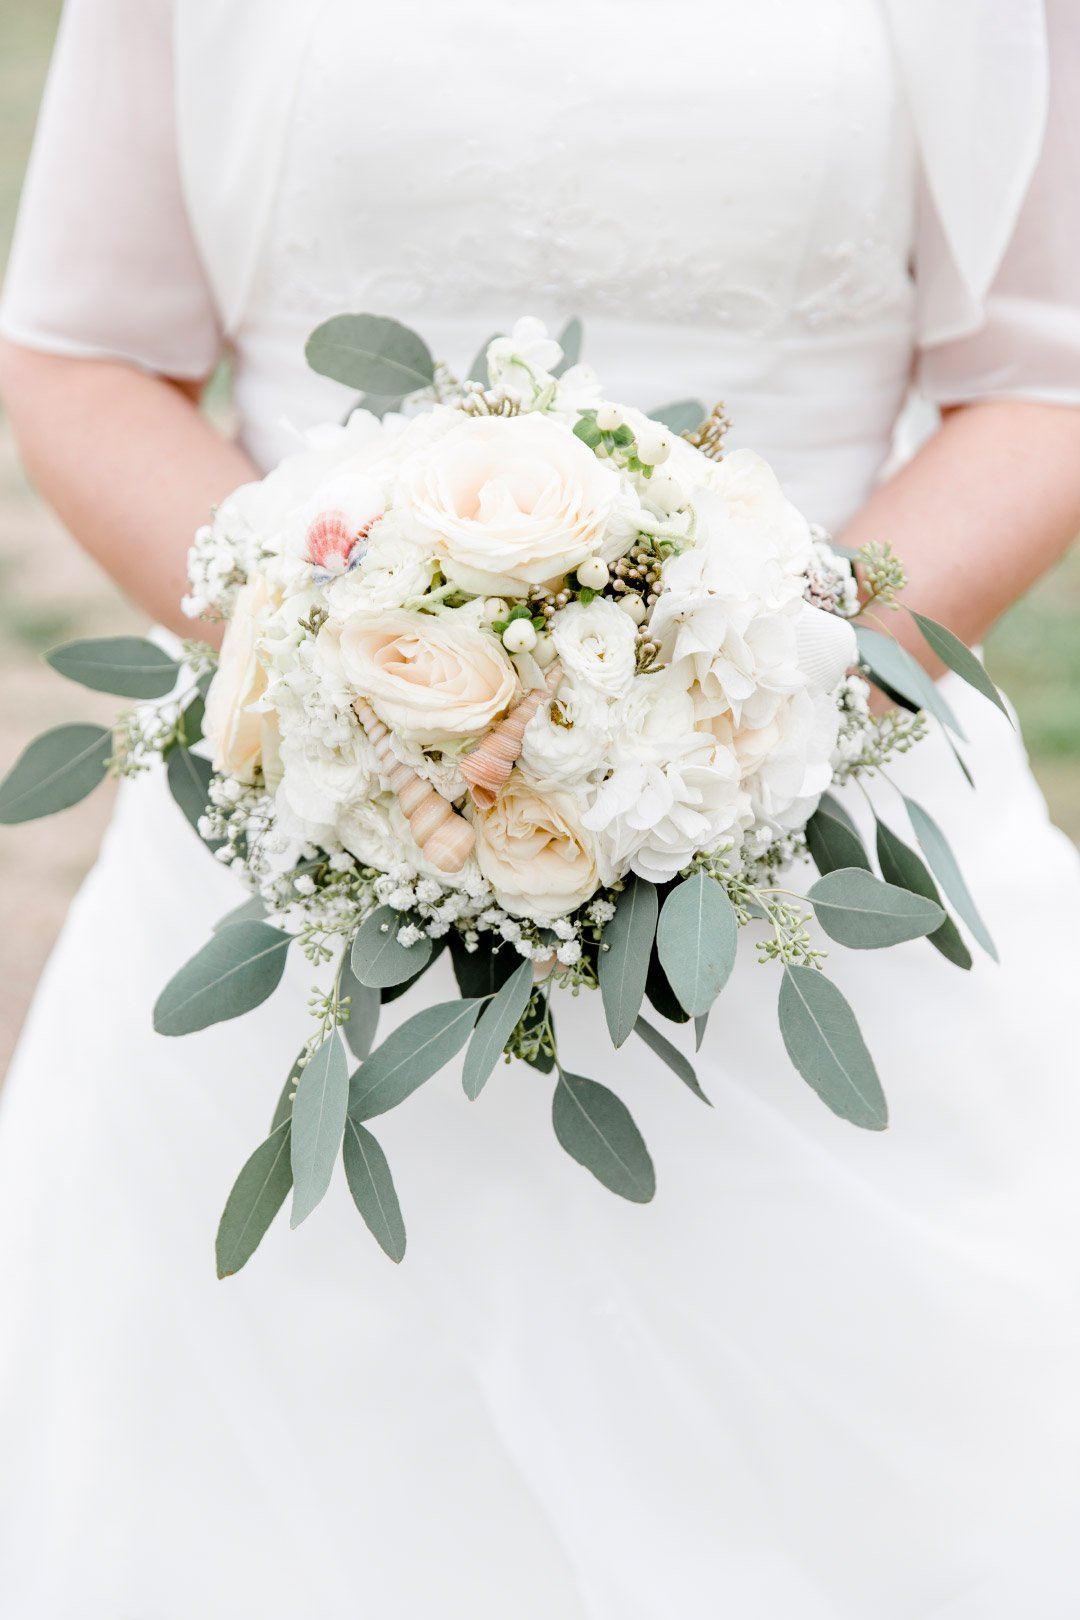 Hochzeit im maritimen Stil: Brautstrauß mit Muscheln